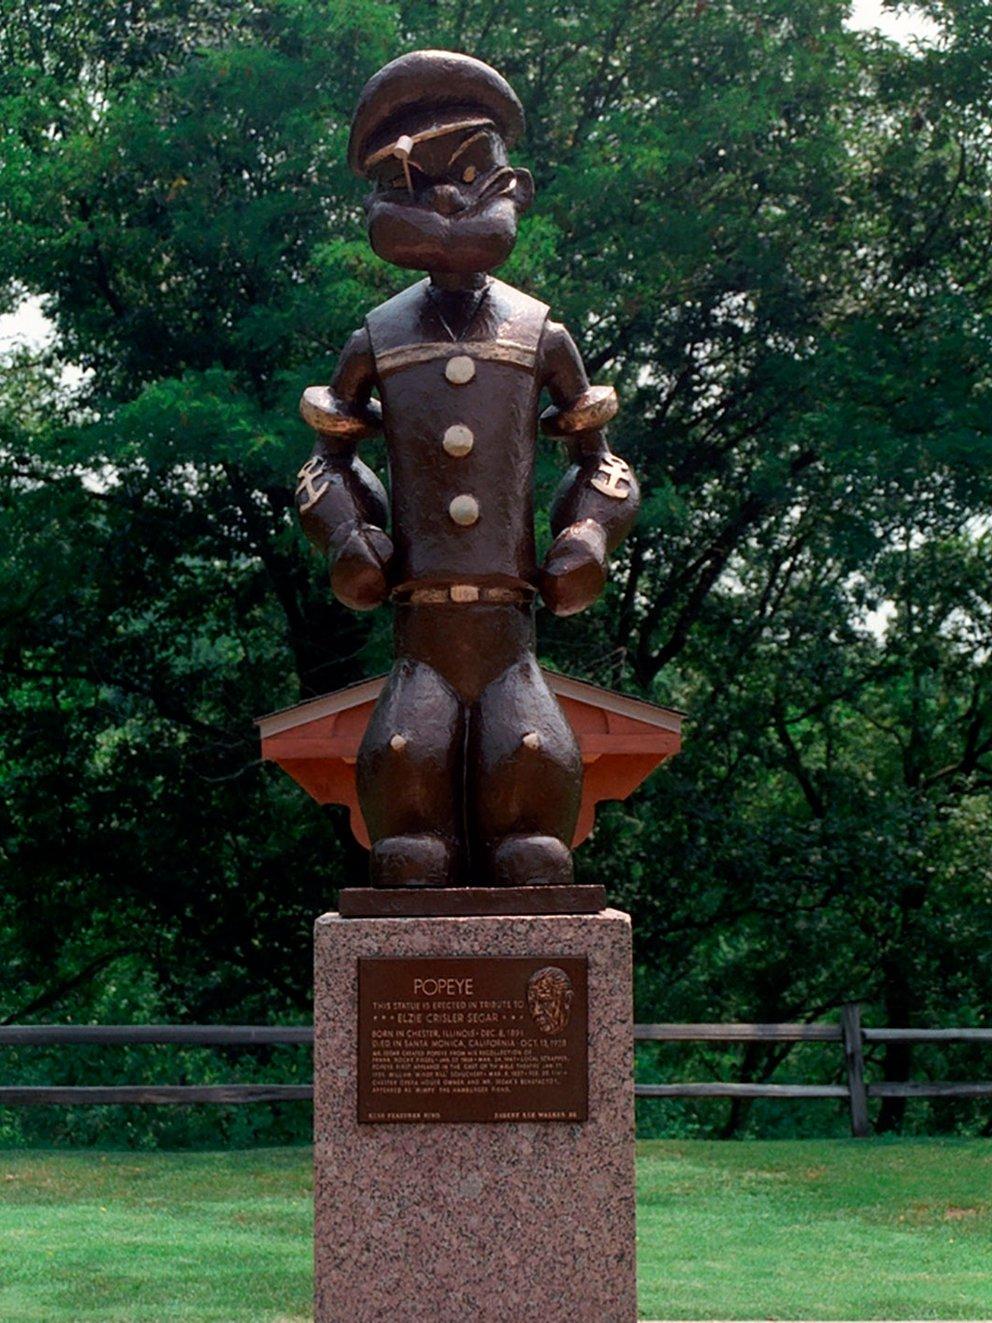 popeye estatua